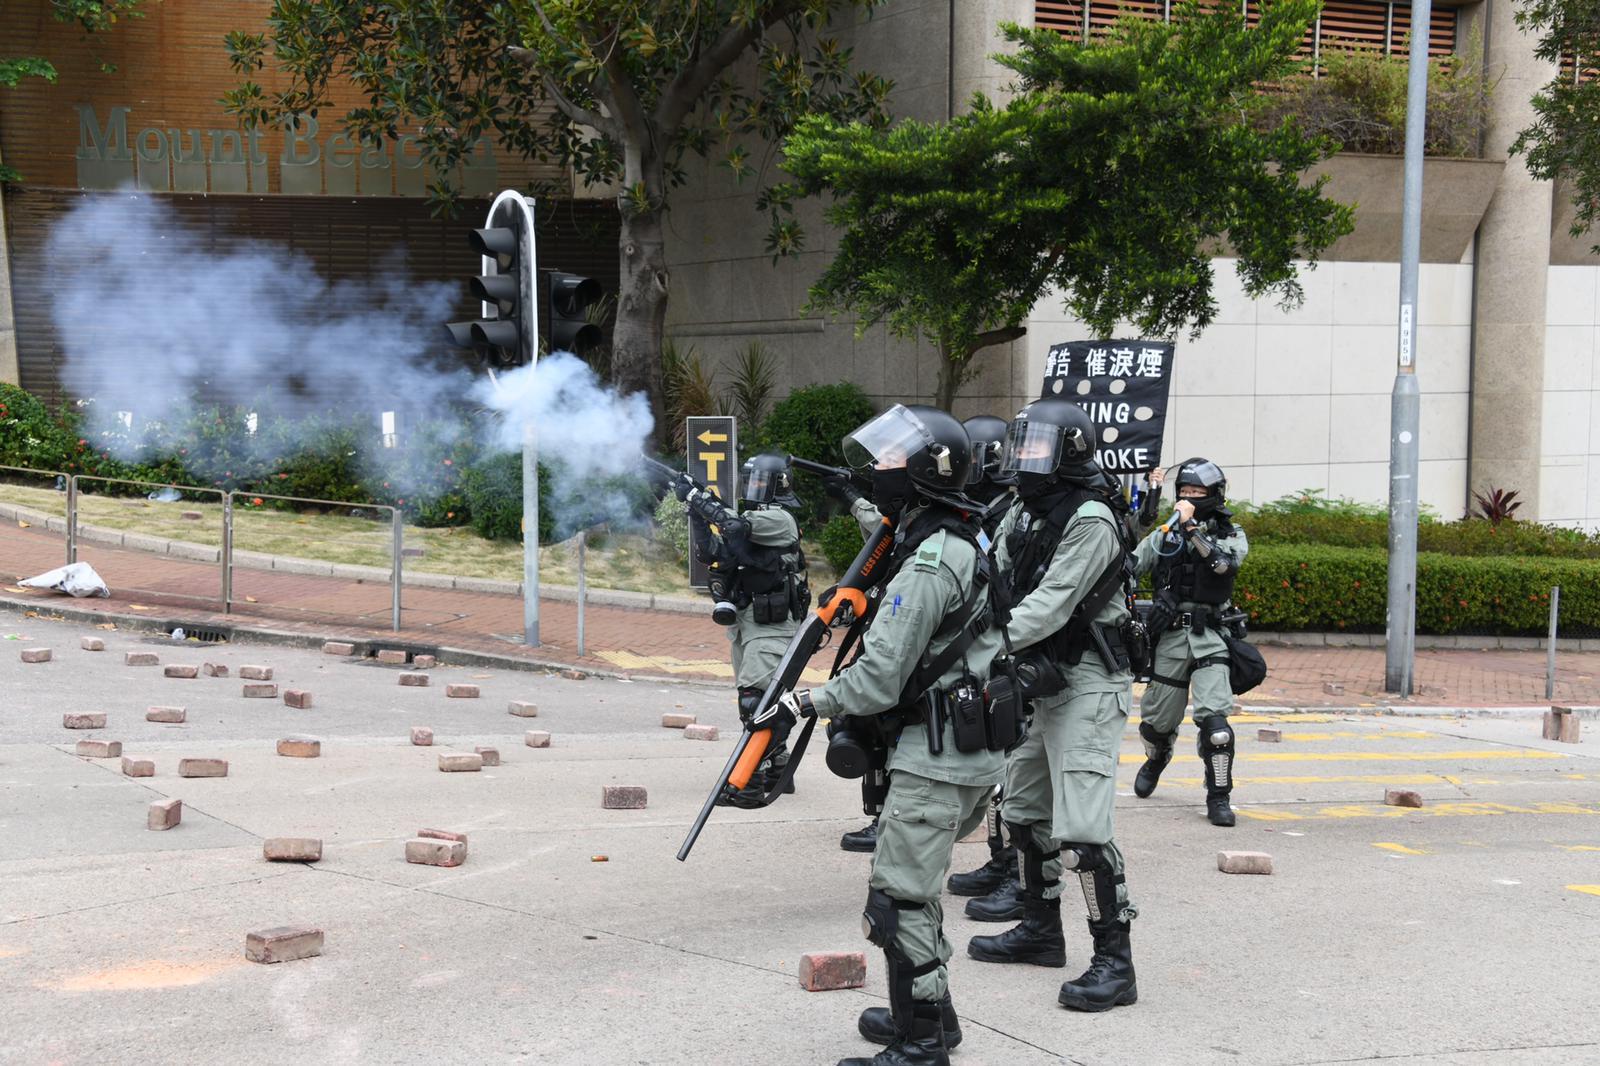 本港爆發激烈衝突。資料圖片